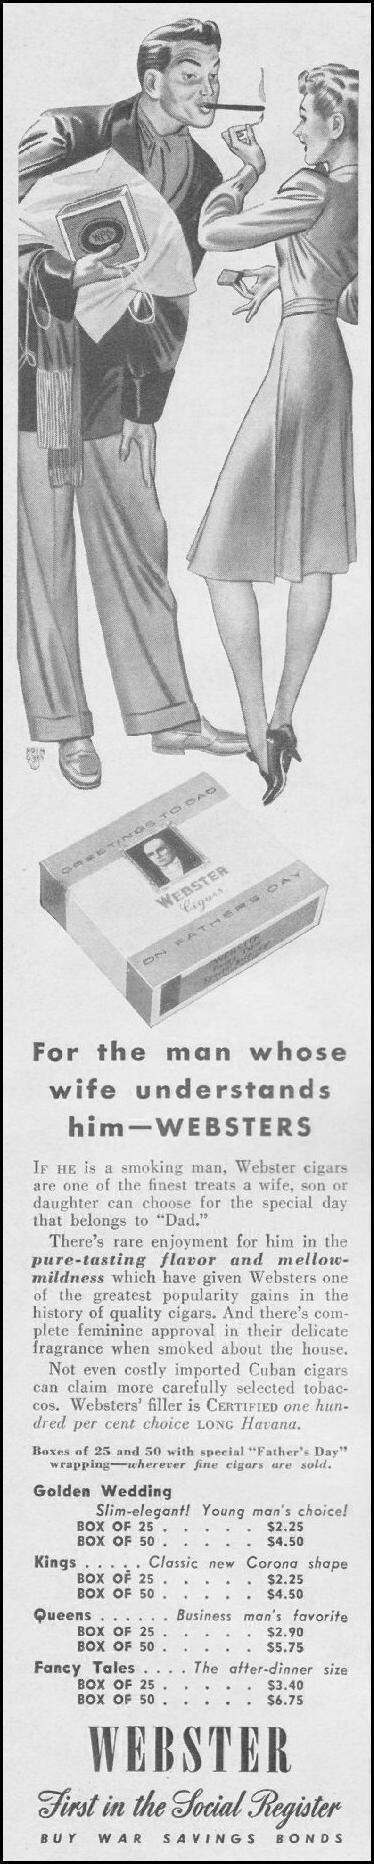 WEBSTER CIGARS LIFE 06/22/1942 p. 90